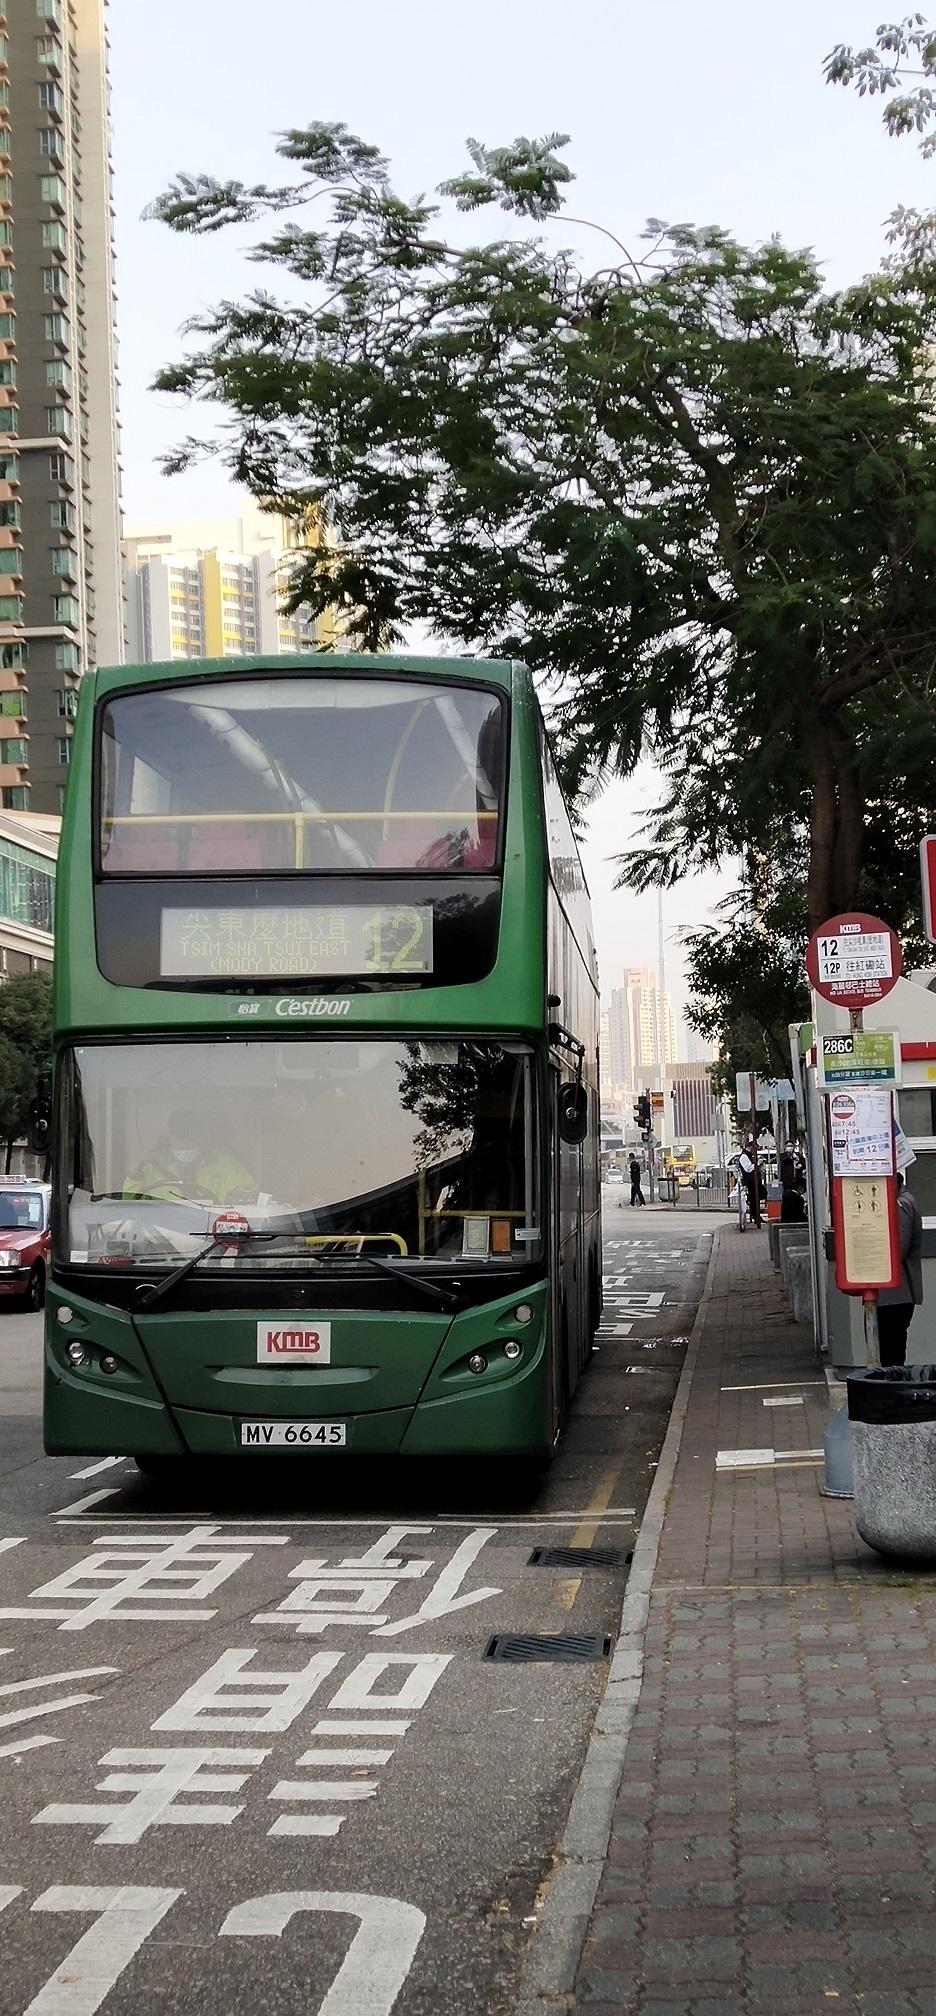 Take bus No 12 at Hoi Lai Estate bus terminus to go back to Tsim Sha Tsui